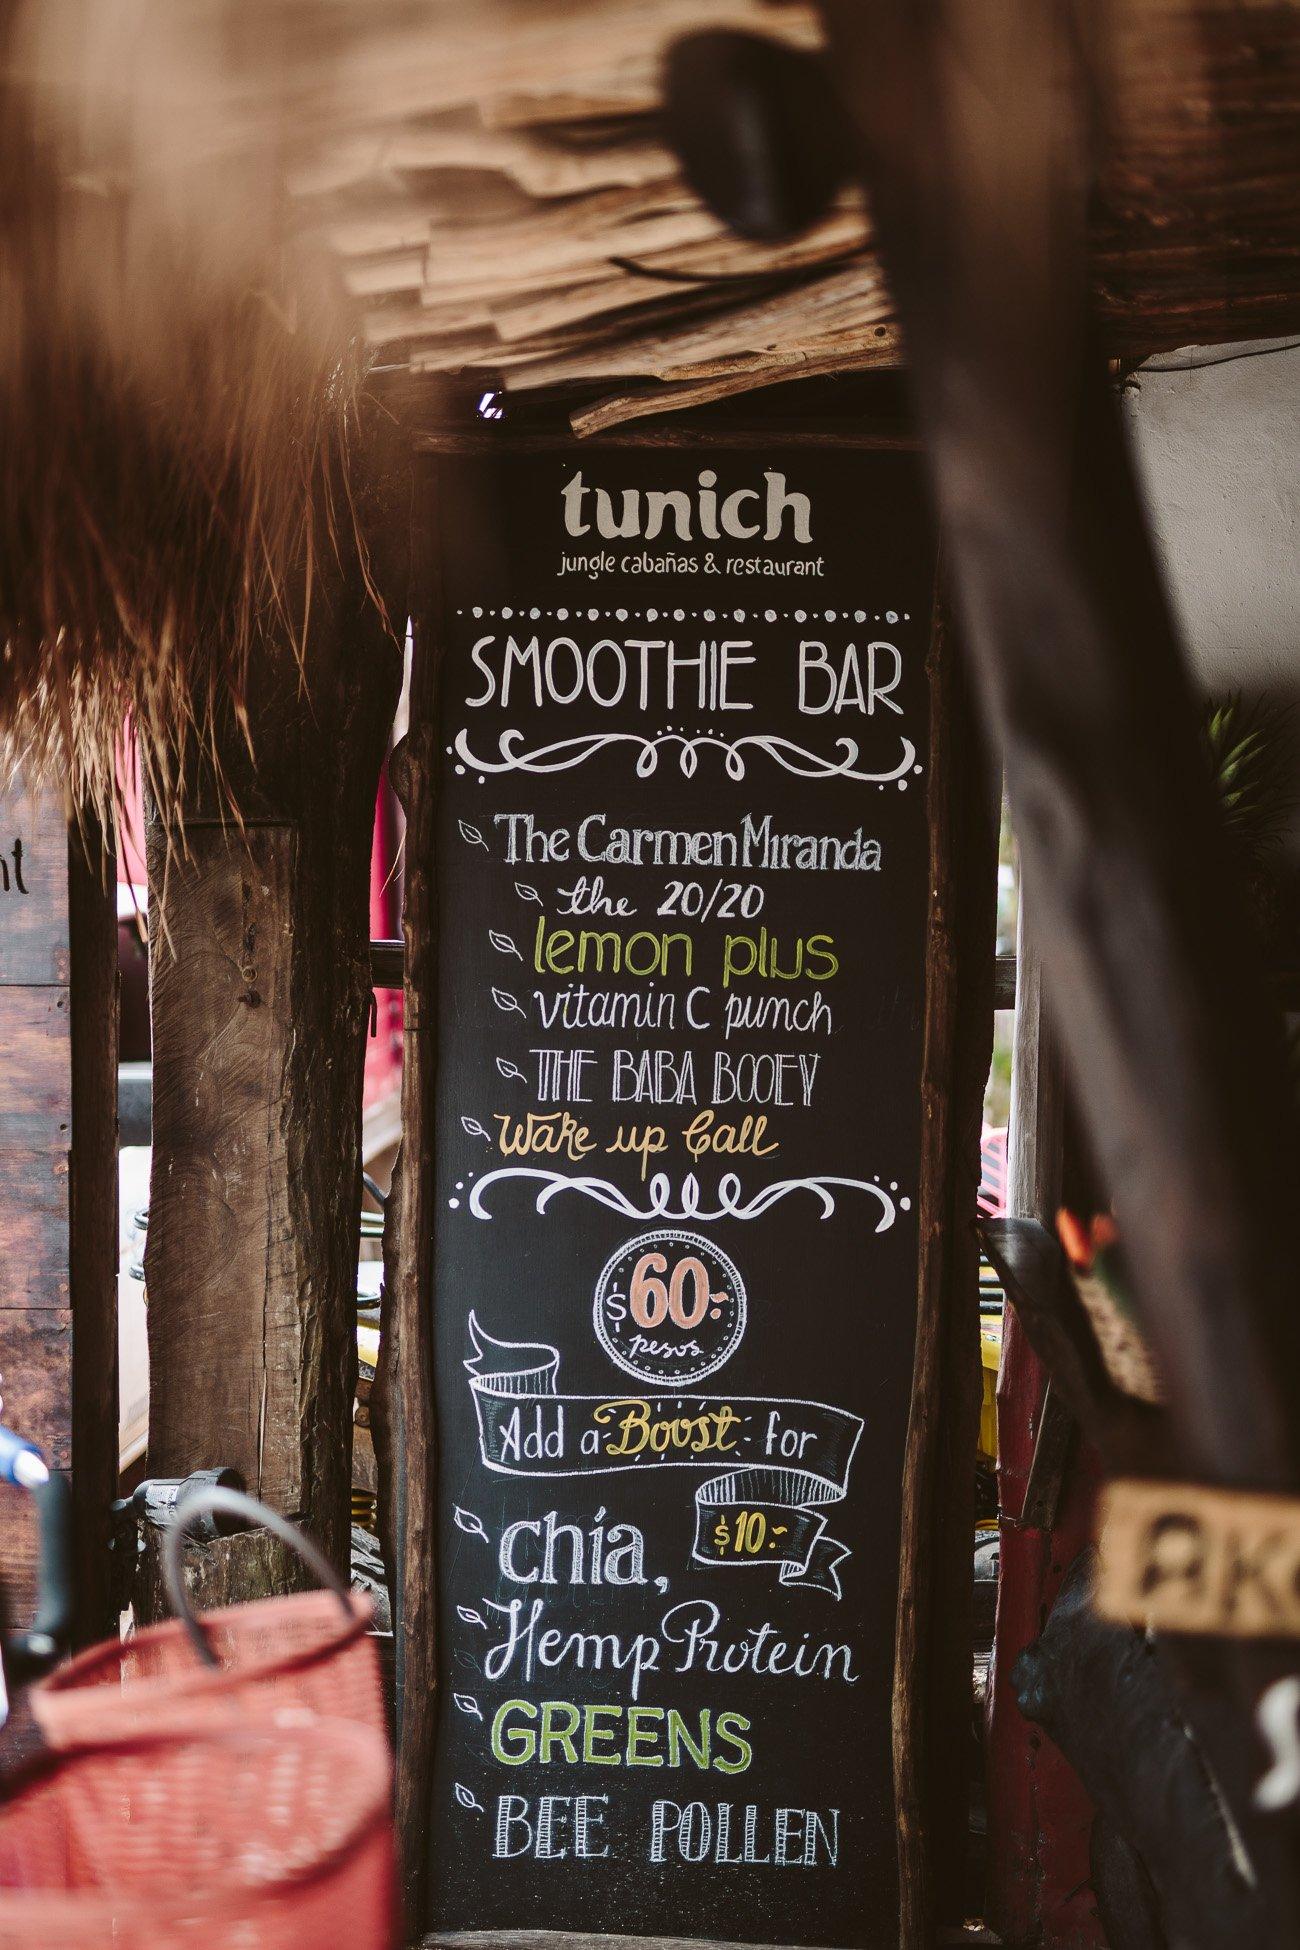 Tunich Tulum Brunch & Smoothie Bar